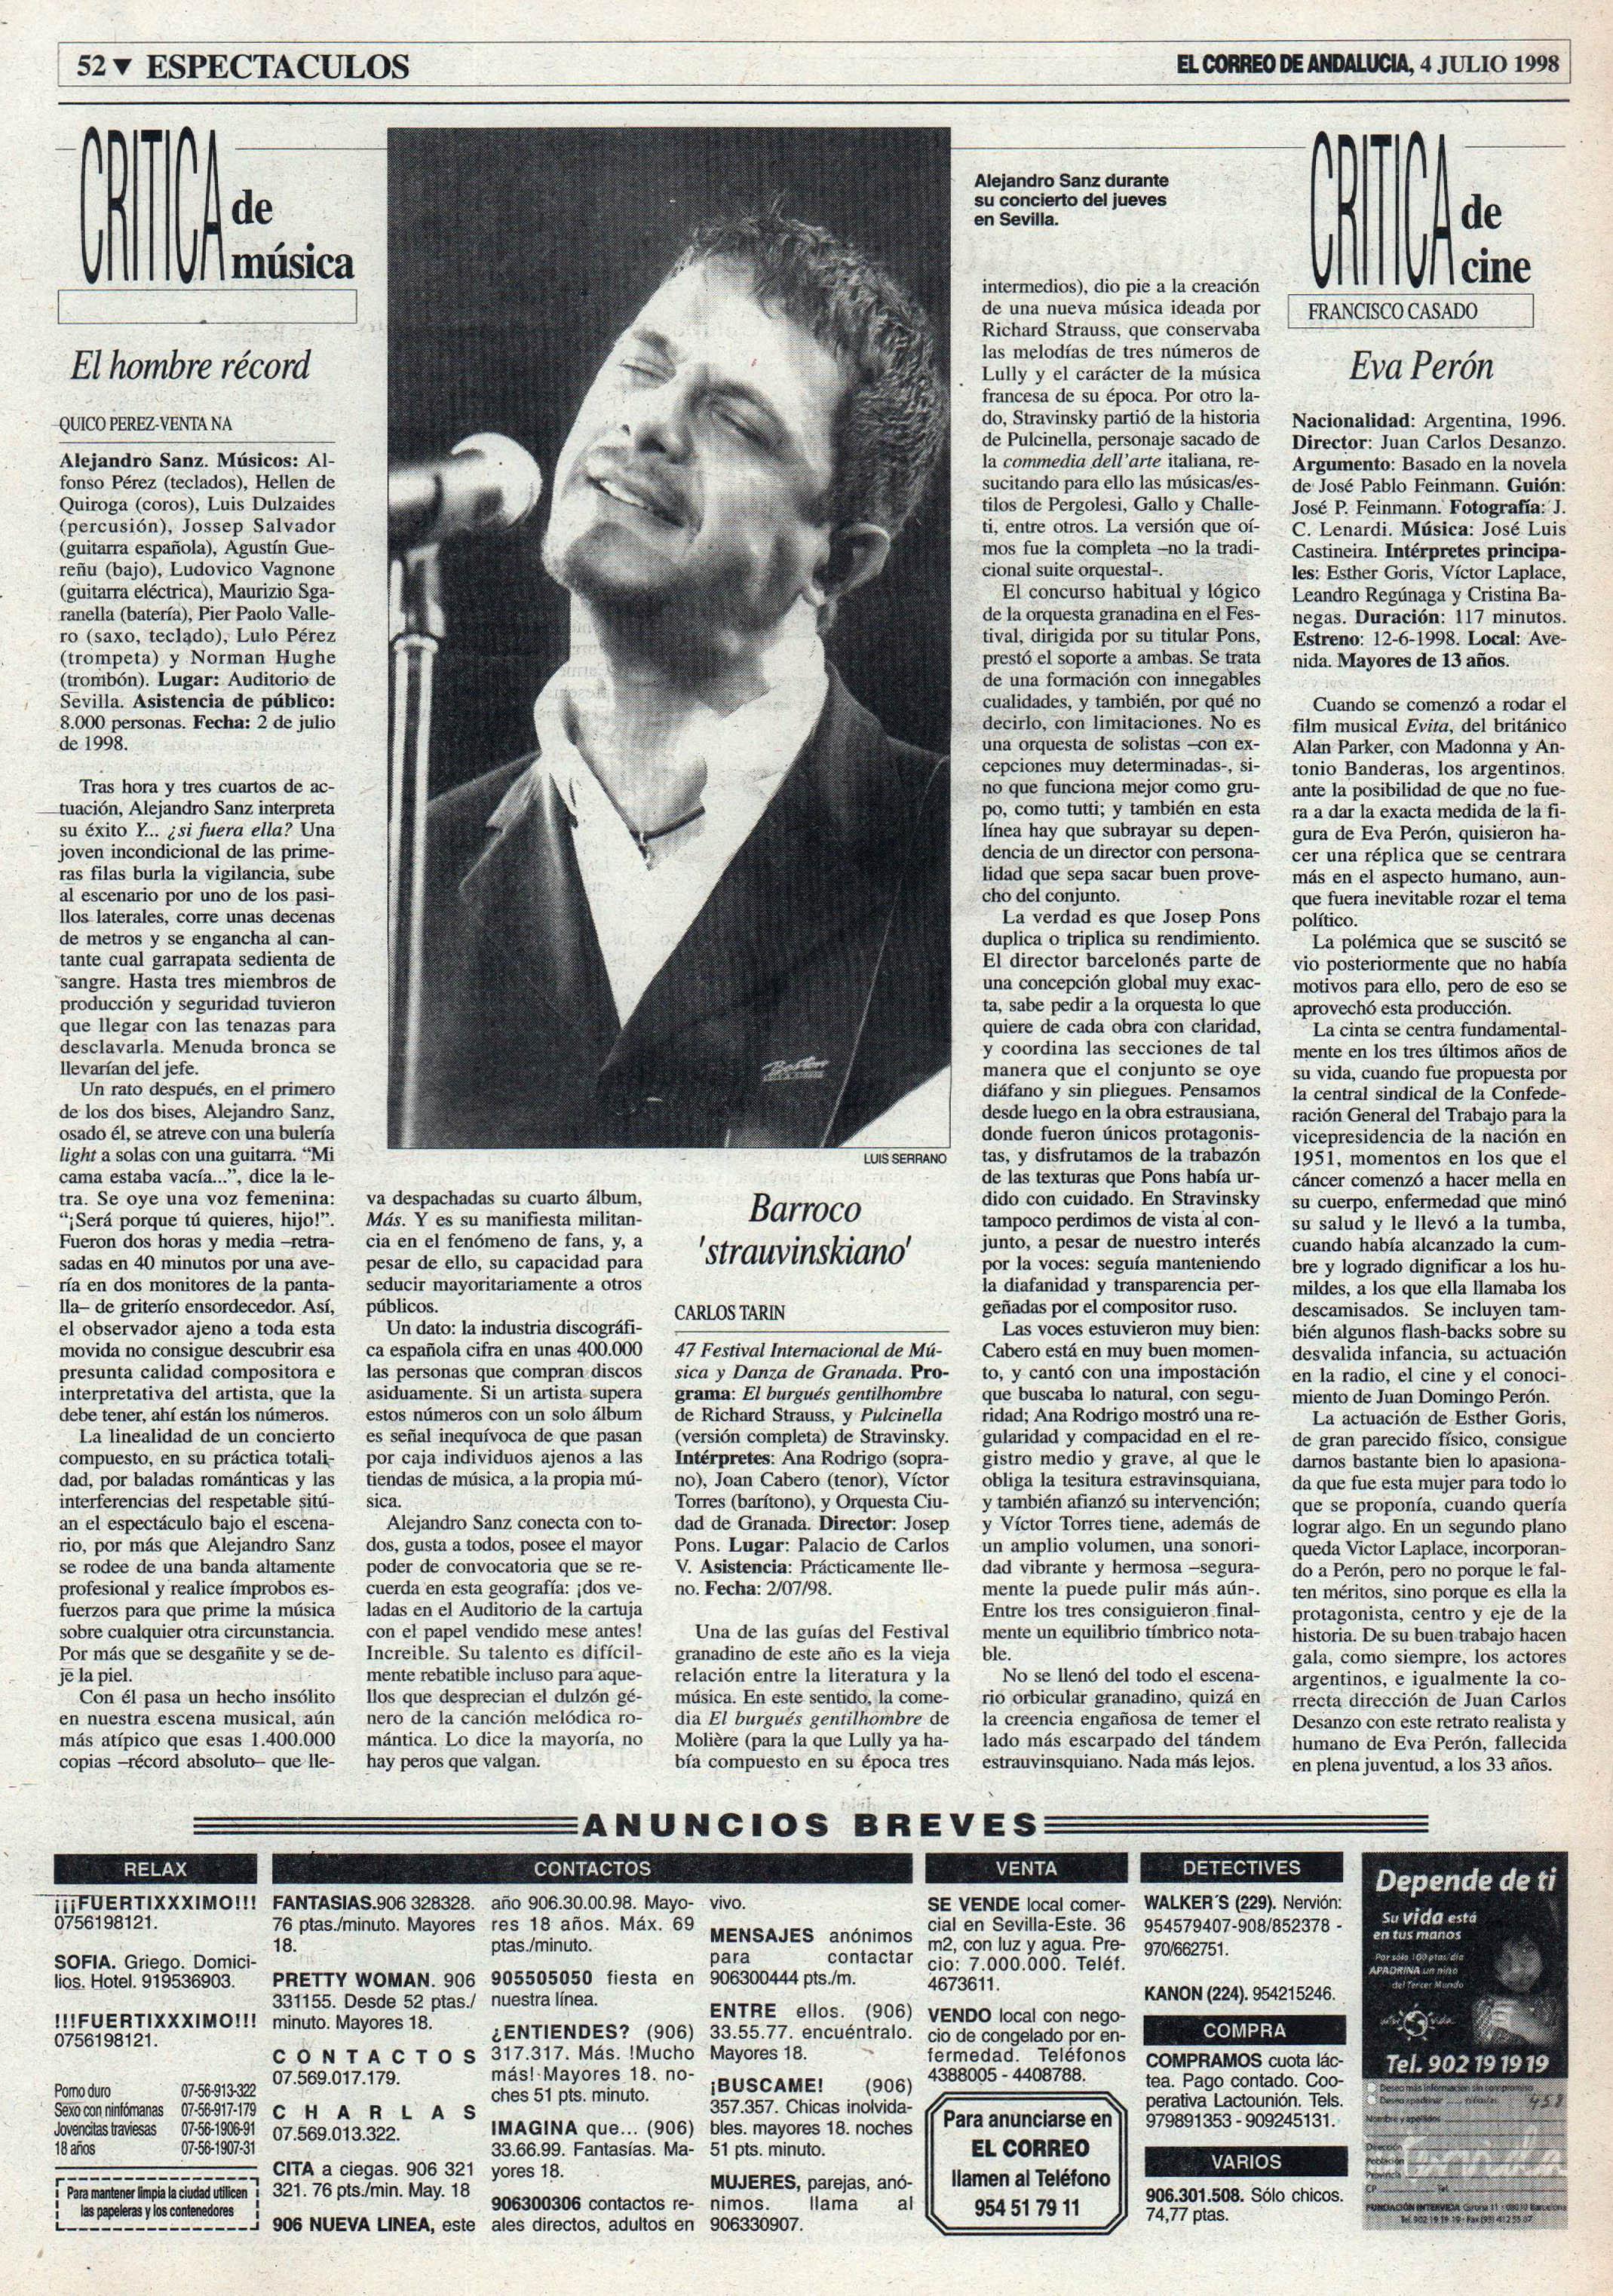 Crónica / Alejandro Sanz: el hombre récord – Auditorio de Sevilla | El Correo de Andalucía | 4 jul 1998